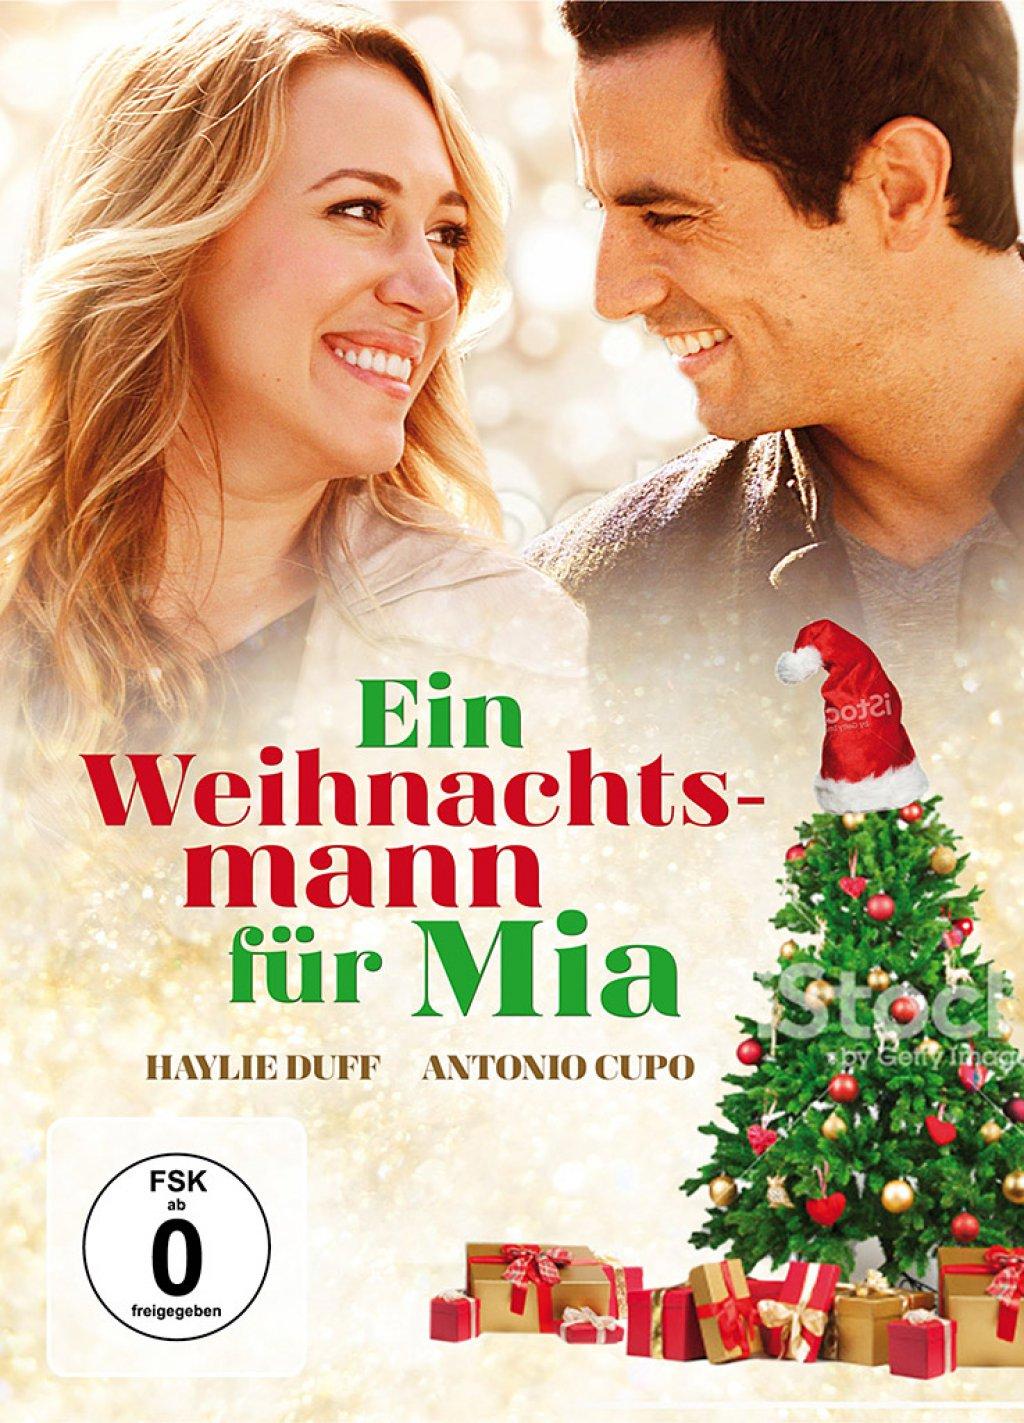 Ein Weihnachtsmann für Mia (DVD)